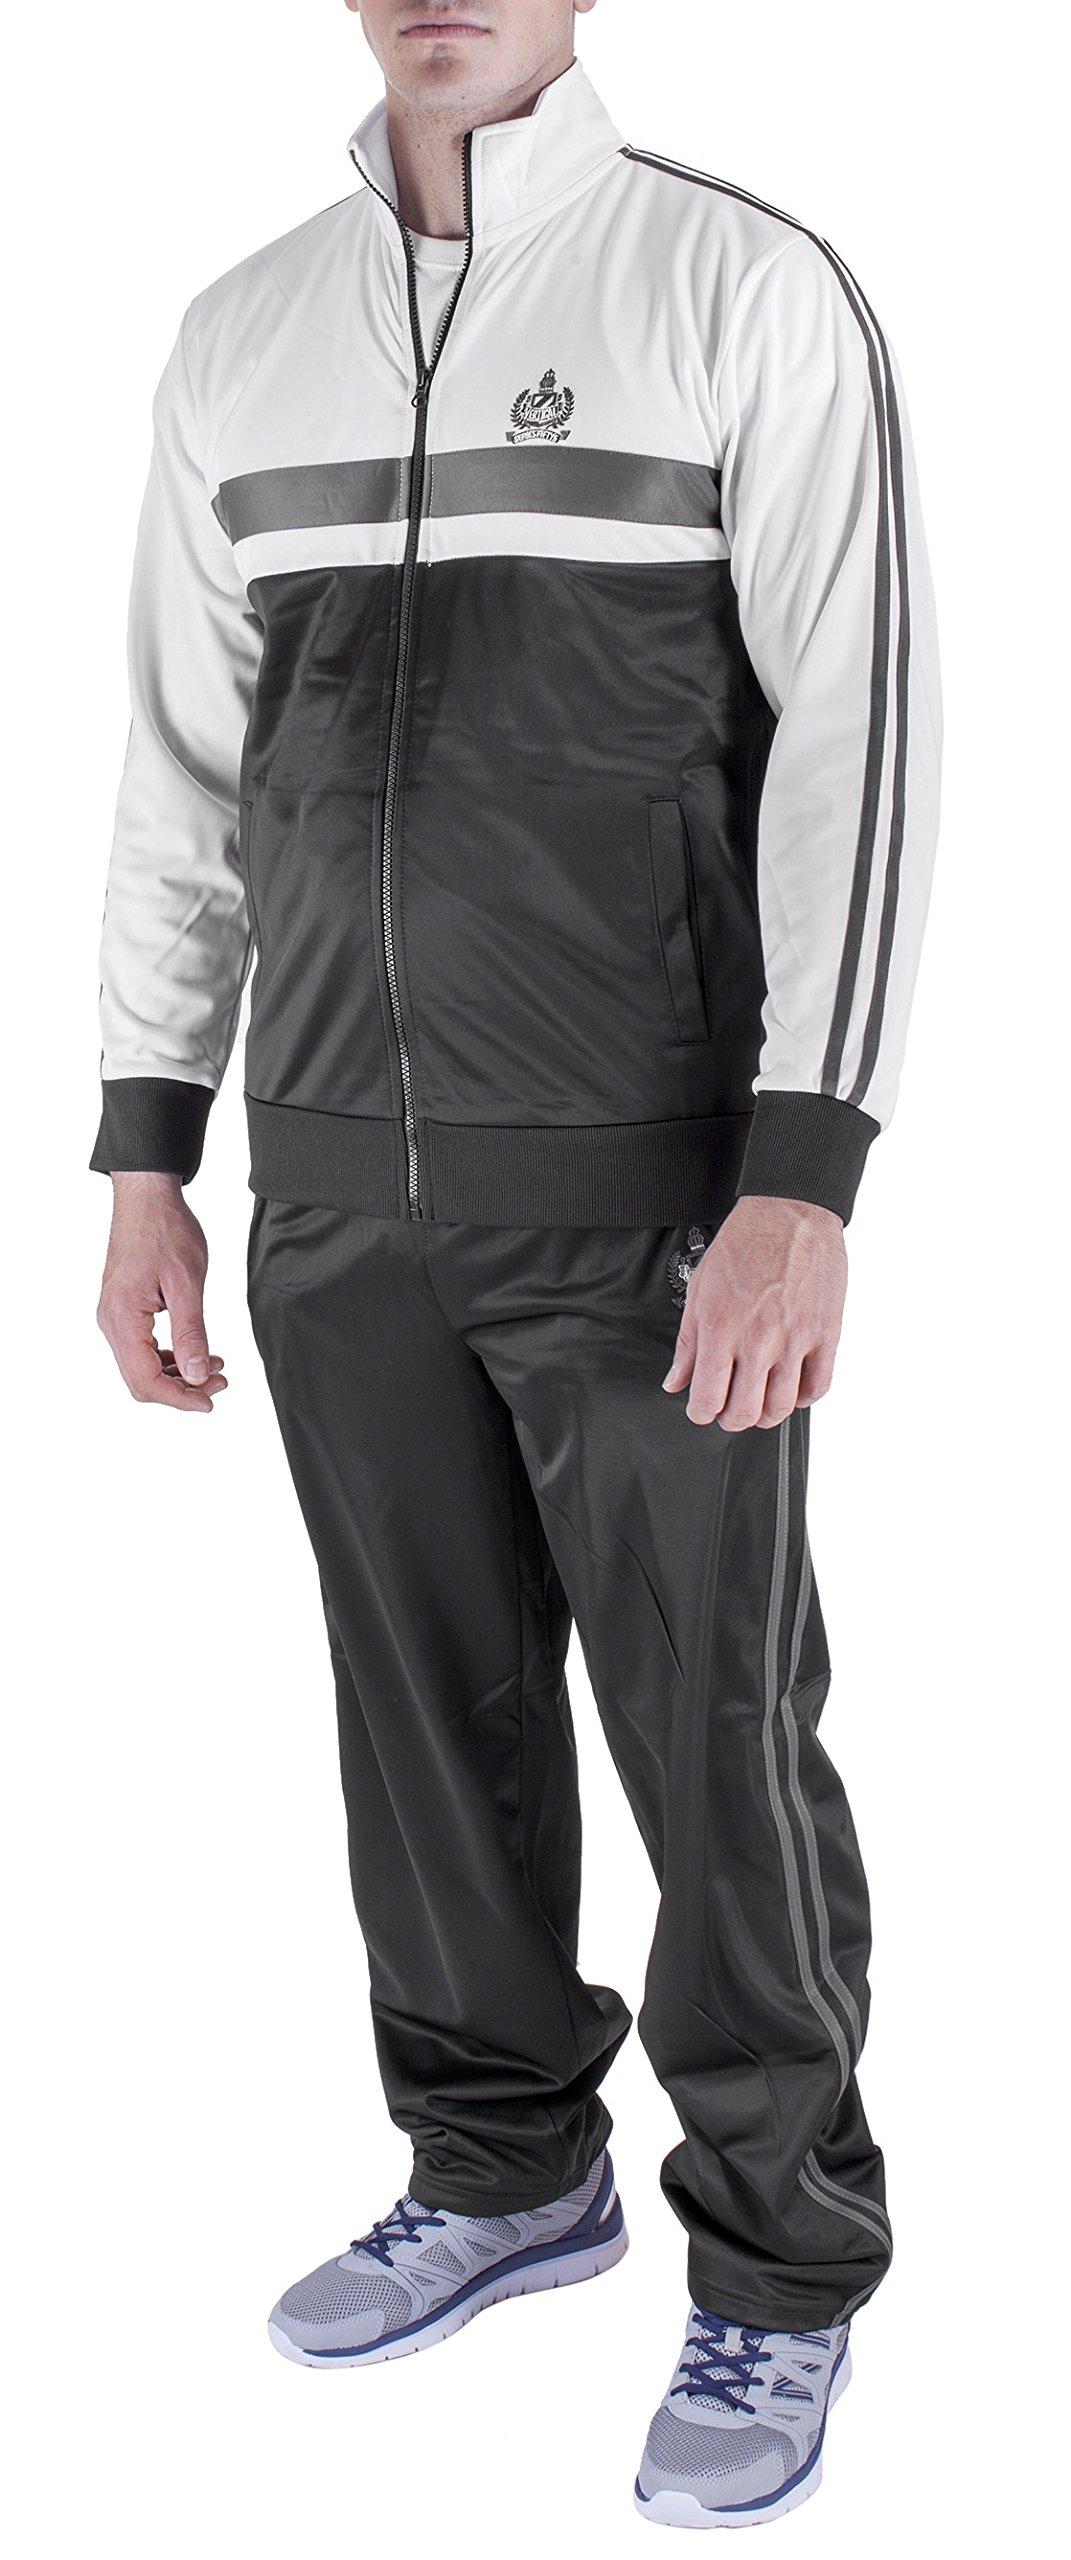 Vertical Sport Men's 2 Piece Jacket Pants Track Suit JS14 (Large, Black/White/Gray)